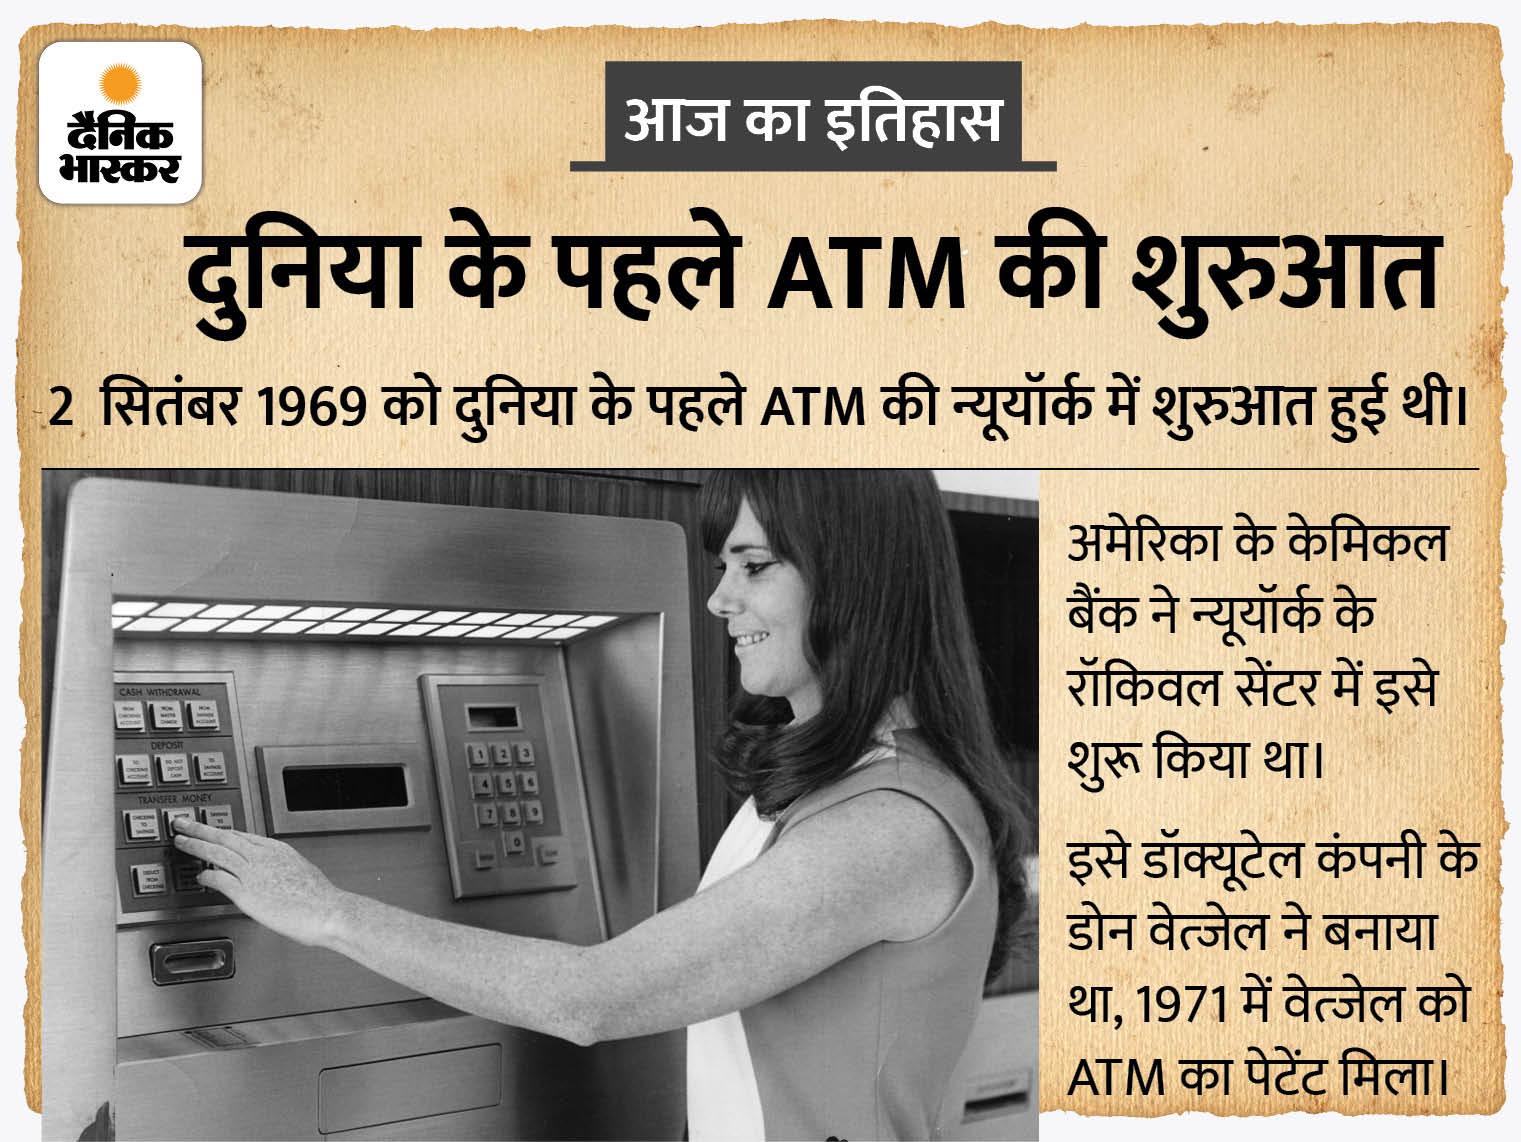 2 सितंबर को हमारा बैंक सुबह 9 बजे खुलेगा और कभी बंद नहीं होगा; ऐसा था न्यूयॉर्क में शुरू हुए दुनिया के पहले ATM का विज्ञापन|देश,National - Dainik Bhaskar